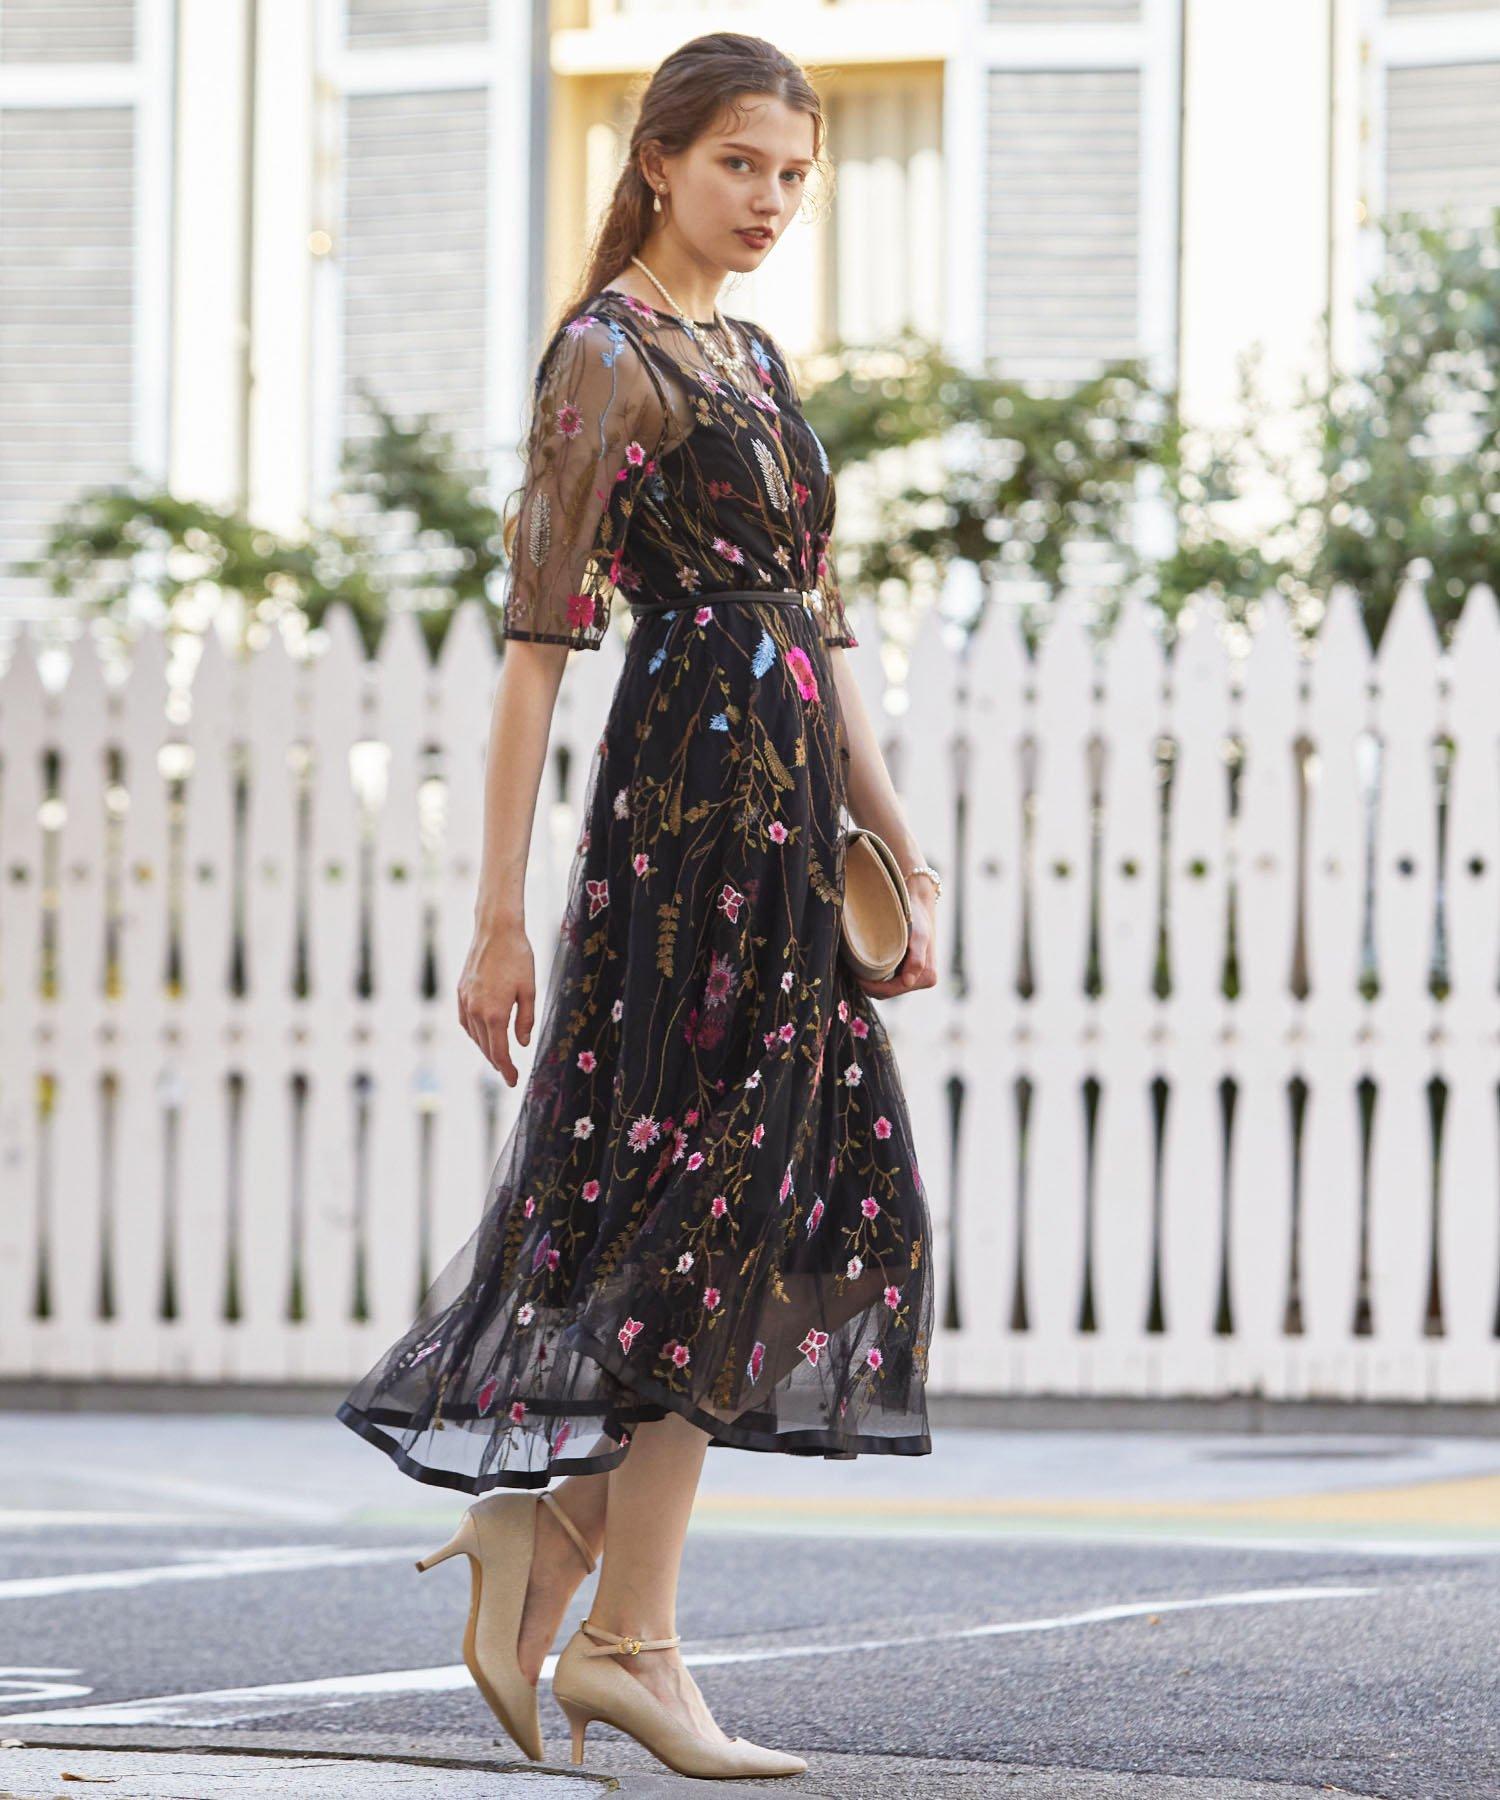 ヴィンテージ風フラワーカラー刺繍レースフィット&フレアードレス